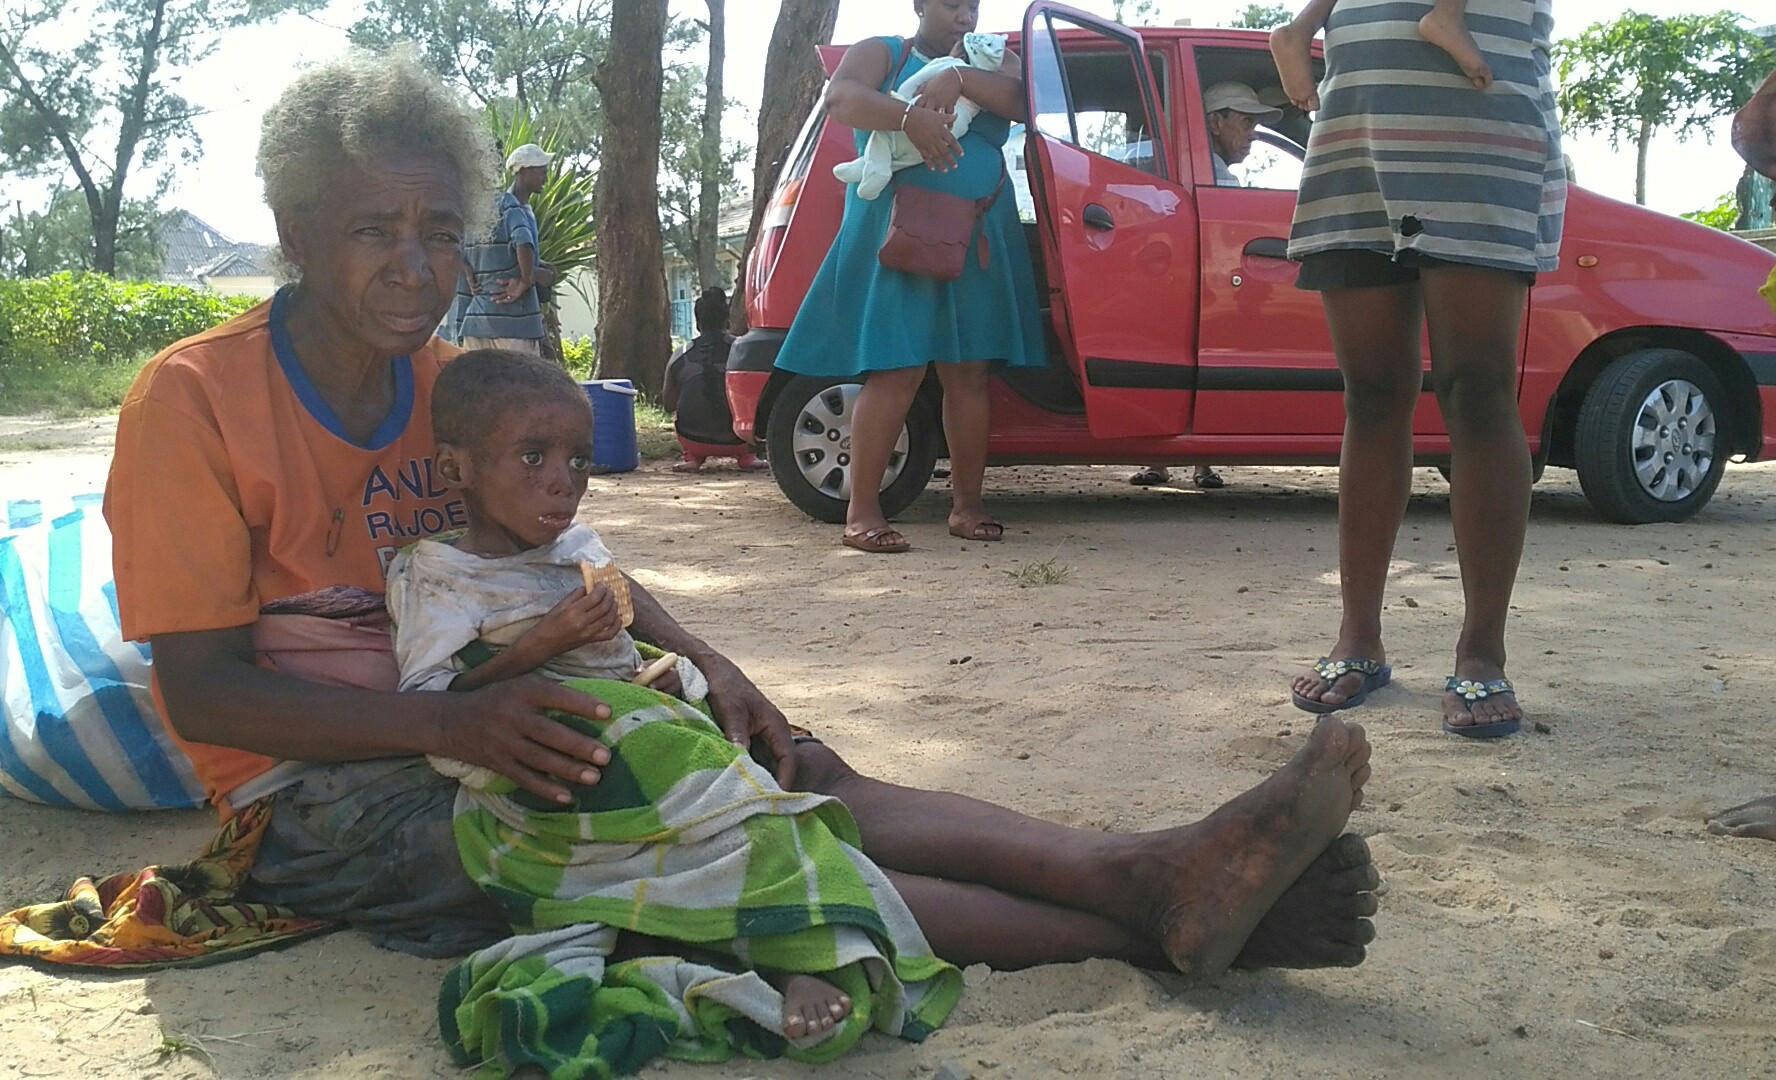 Em Madagáscar sarampo já matou centenas de crianças por falta de vacinas